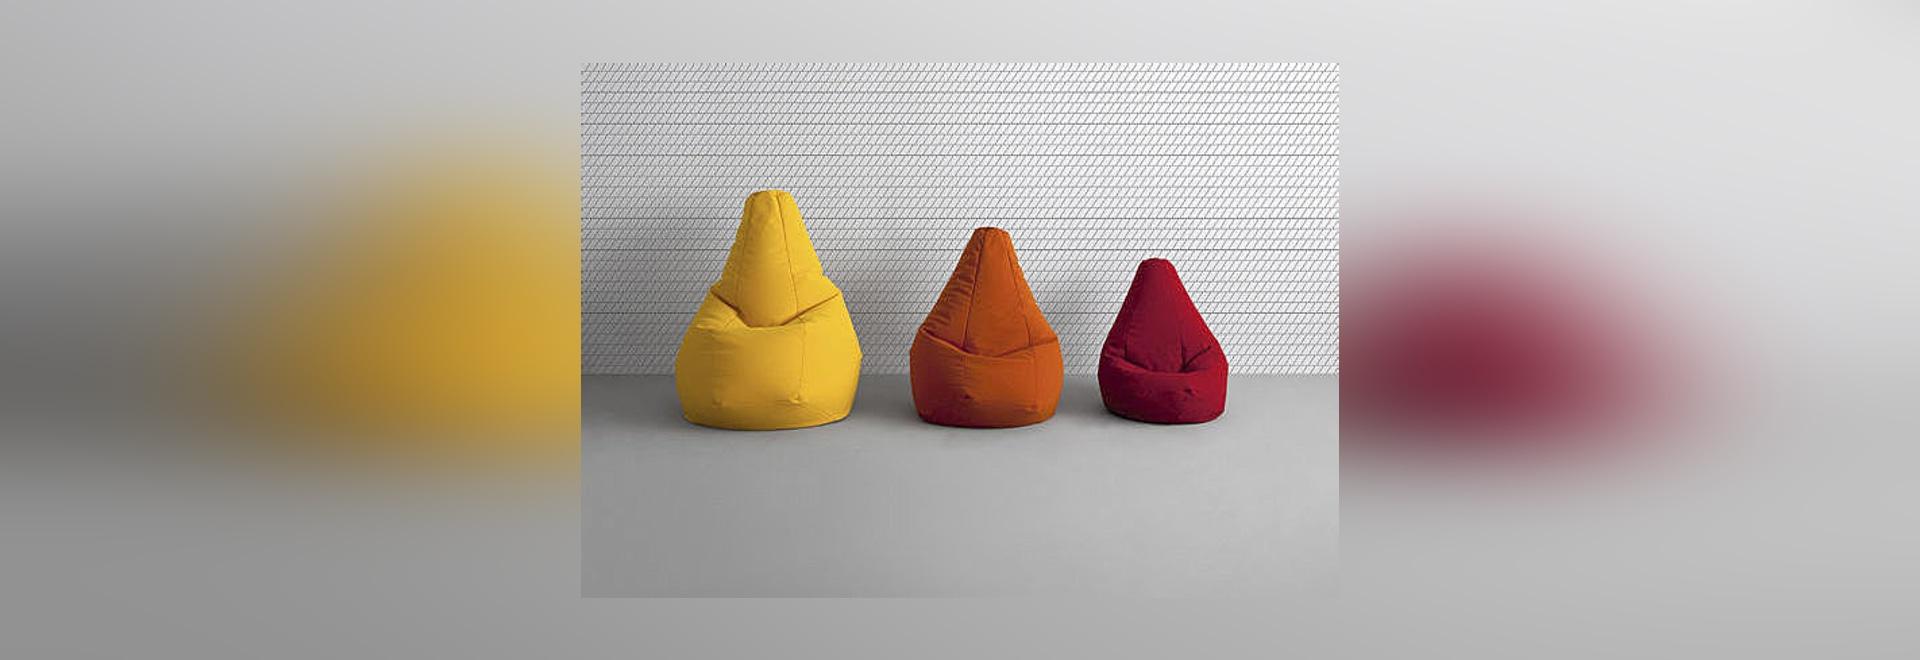 Un saco (Sacco) por completo de ideas